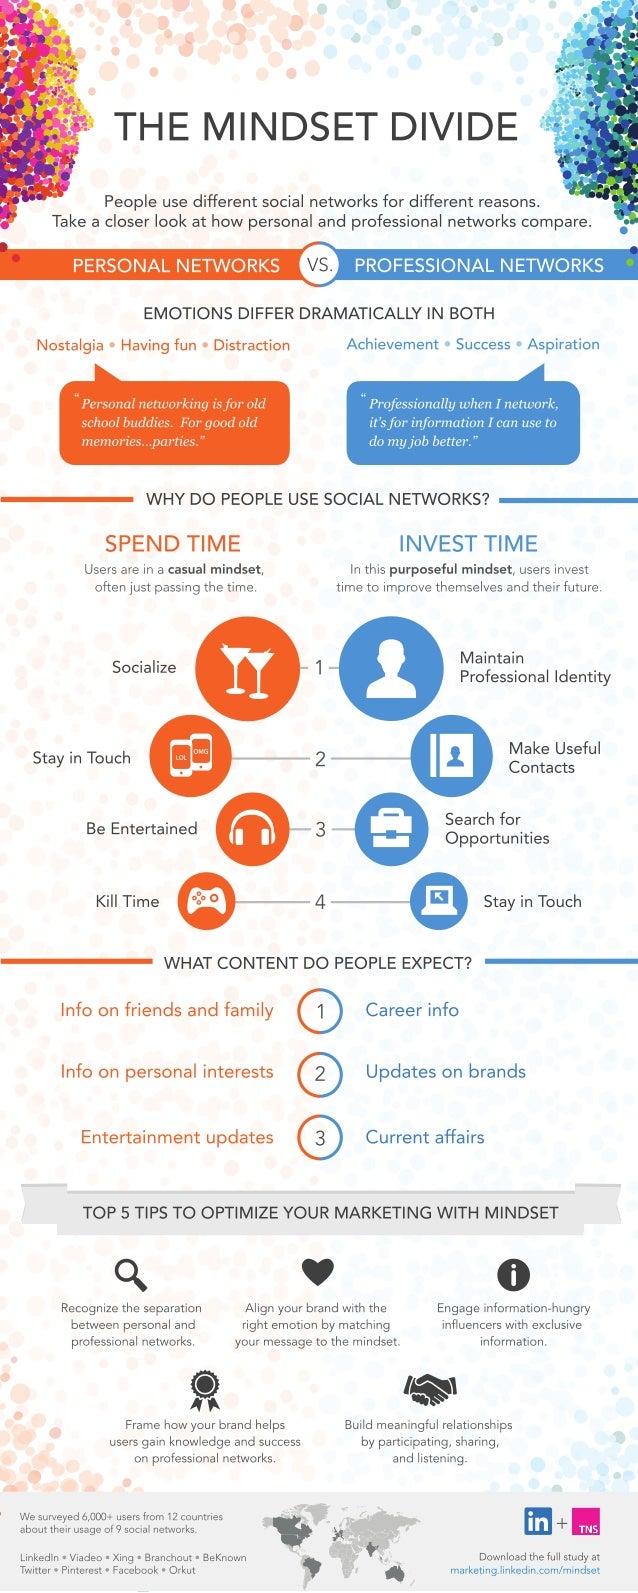 Mindset Divide Study Infographic